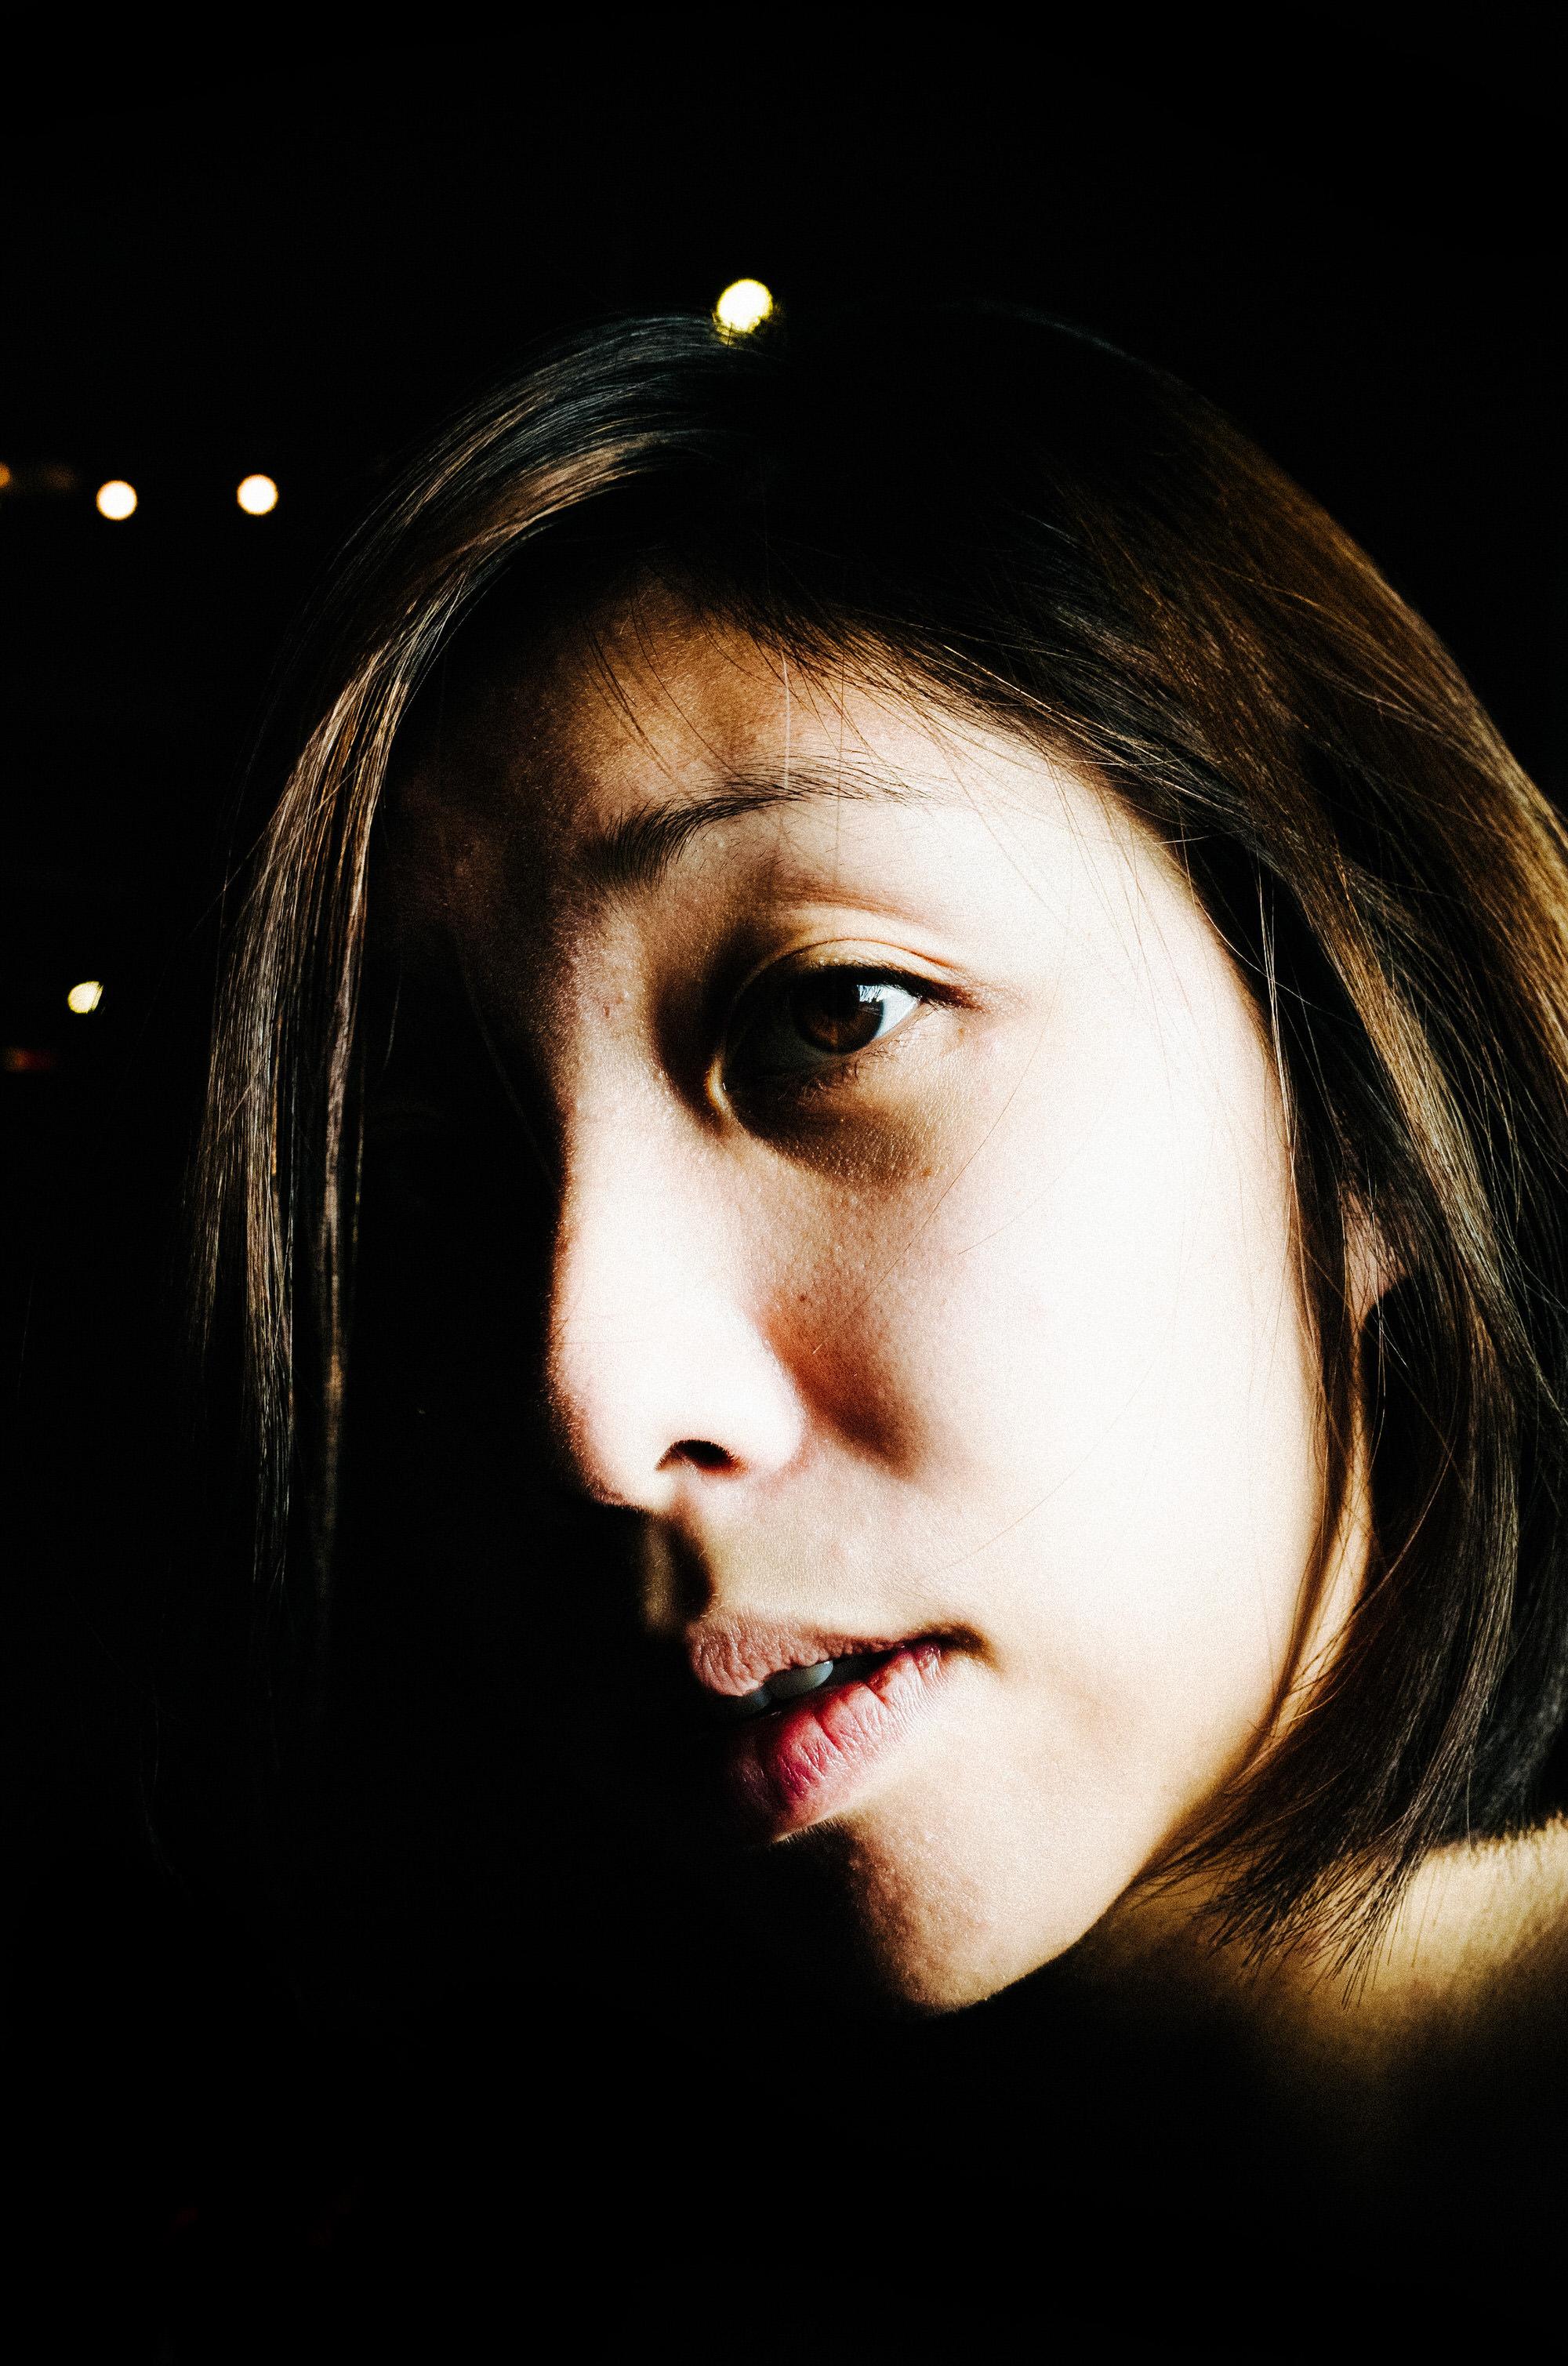 eric kim center eye photography composition cindy-1-1